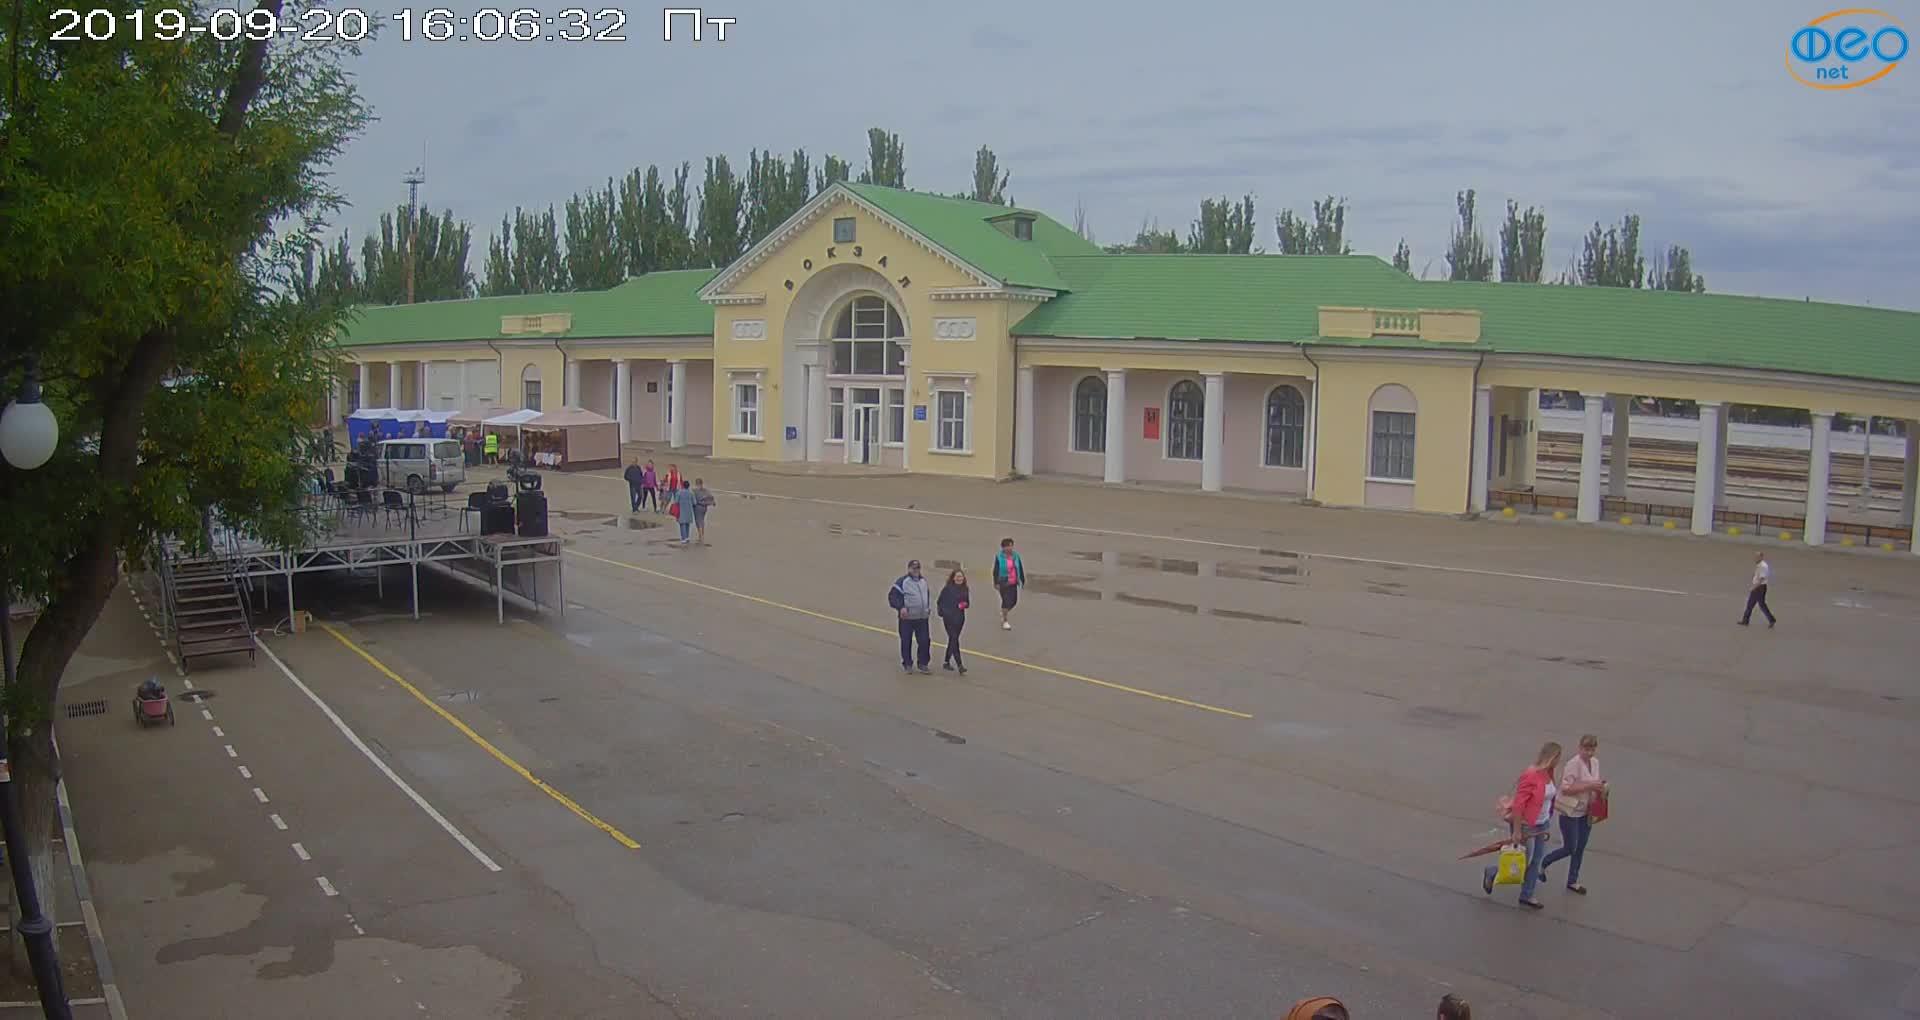 Веб-камеры Феодосии, Привокзальная площадь, 2019-09-20 16:23:07